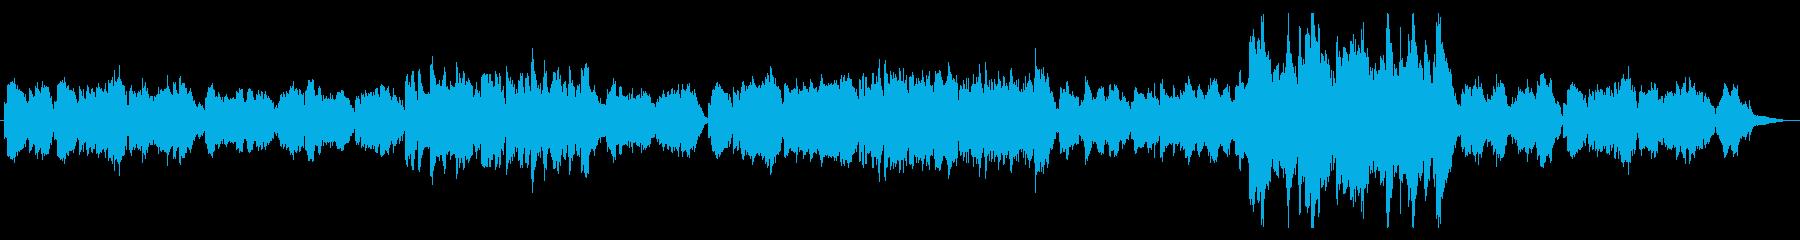 和風で癒し系バイオリンの再生済みの波形